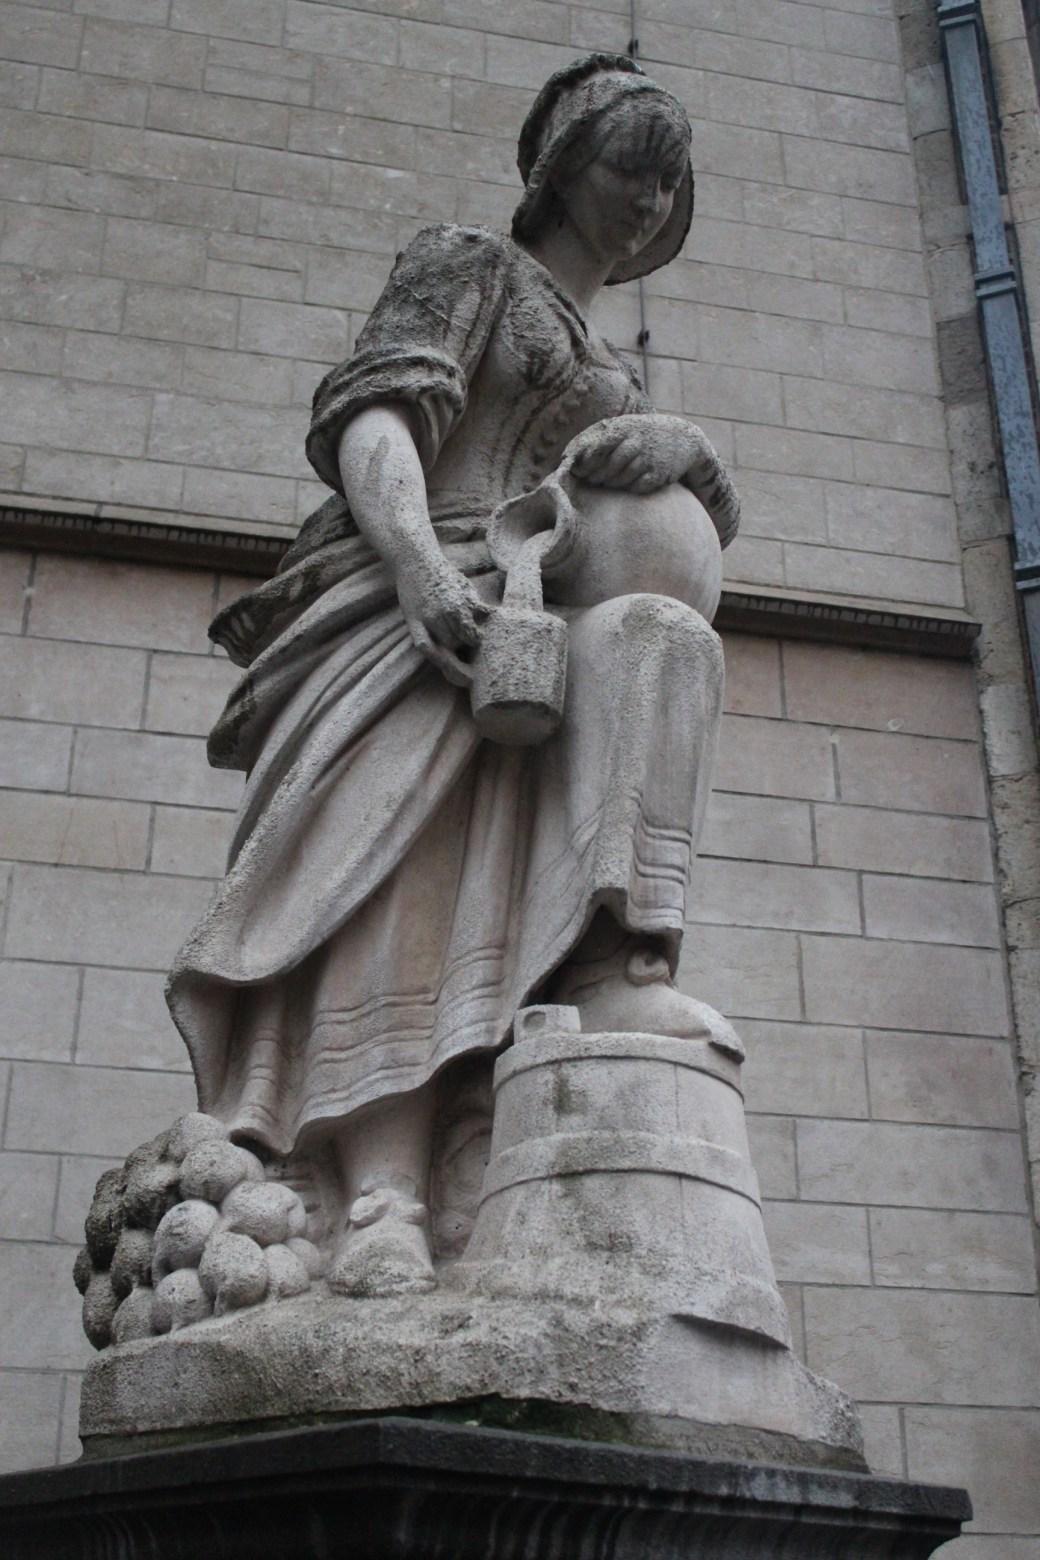 Statue; Brussels, Belgium; 2012